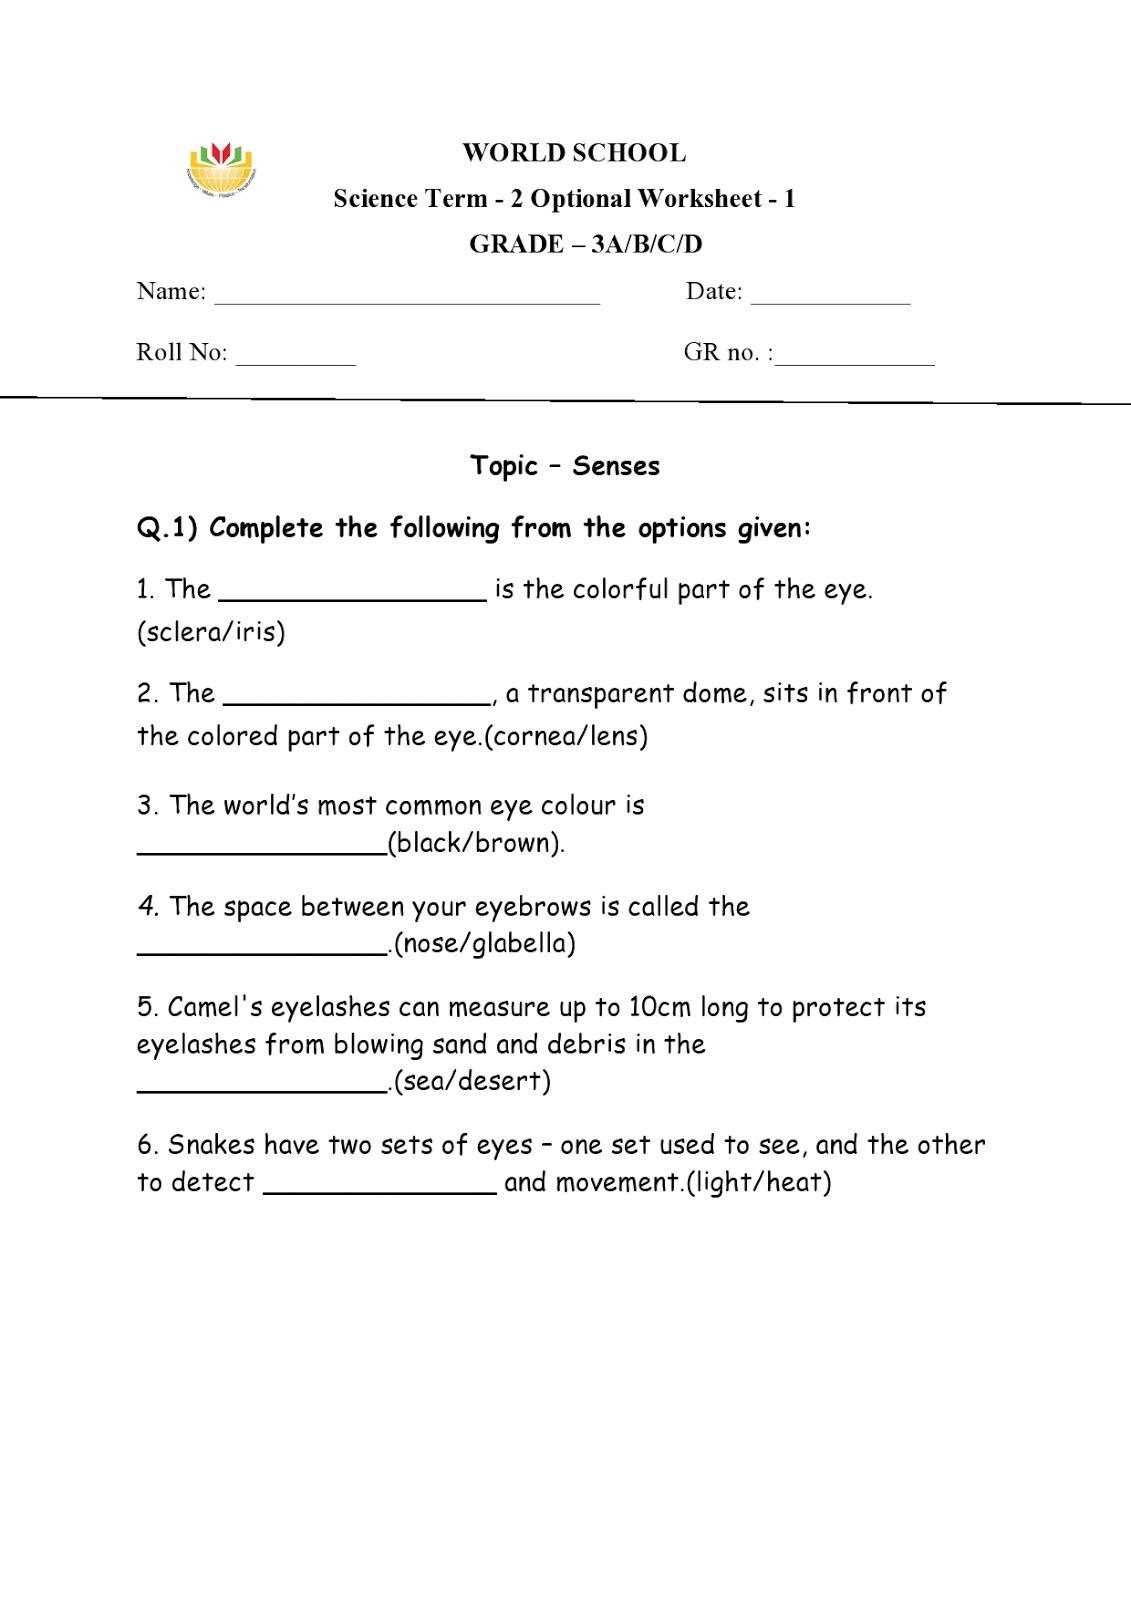 medium resolution of WORLD SCHOOL OMAN: Homework for Grade 3 as on 19-02-2019